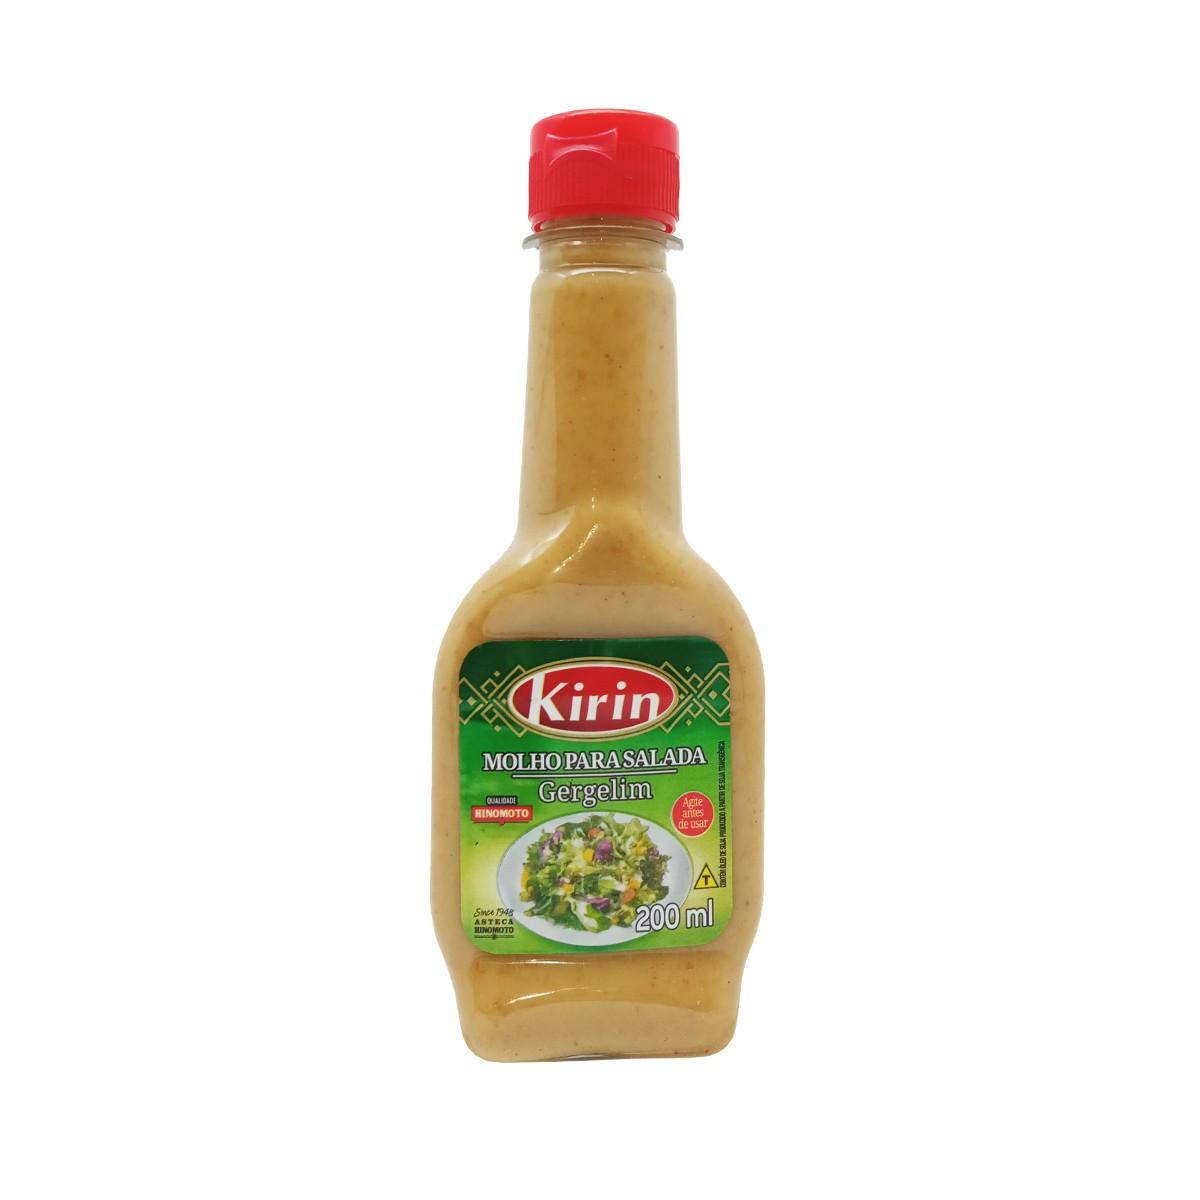 Molho Gergelim para Salada 200mL - Kirin